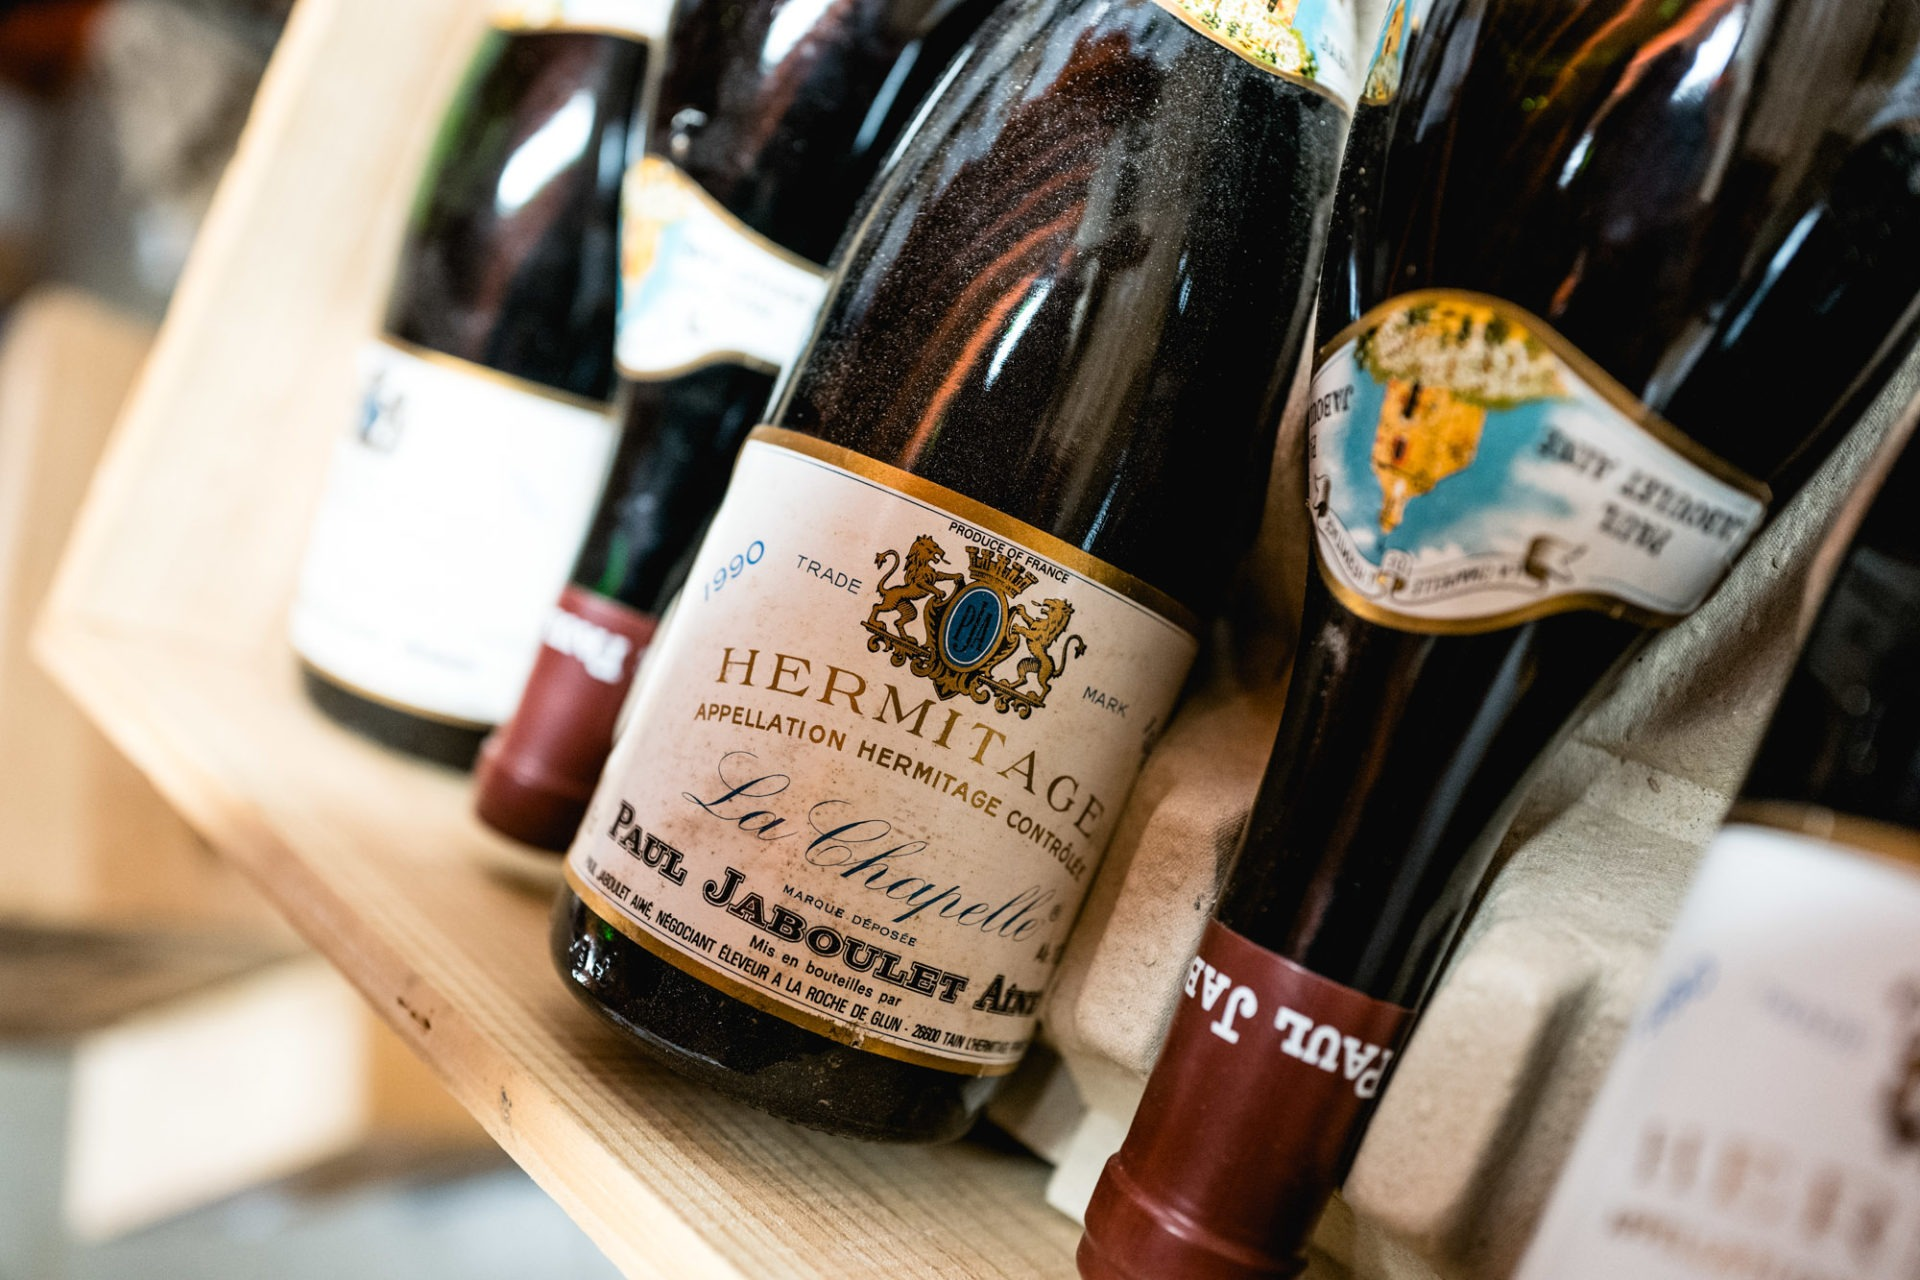 Tajan - Vente de vins et spiritueux du jeudi 25 avril 2019 - Hermitage La Chapelle, Paul Jaboulet 1990